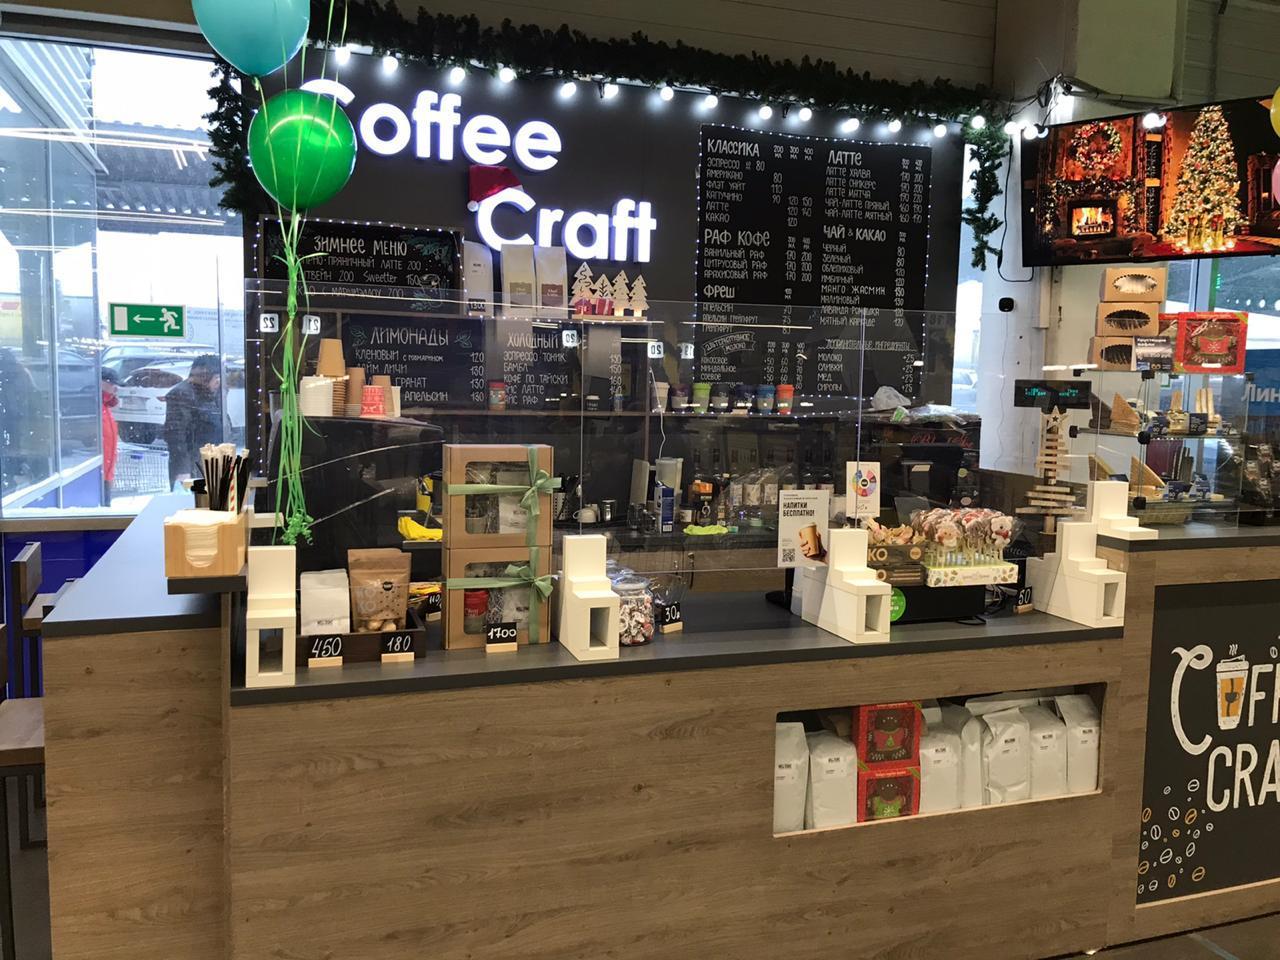 Город: Москва<br/>Заведение: Coffee Craft<br/>ставка: 150-170 руб/ч